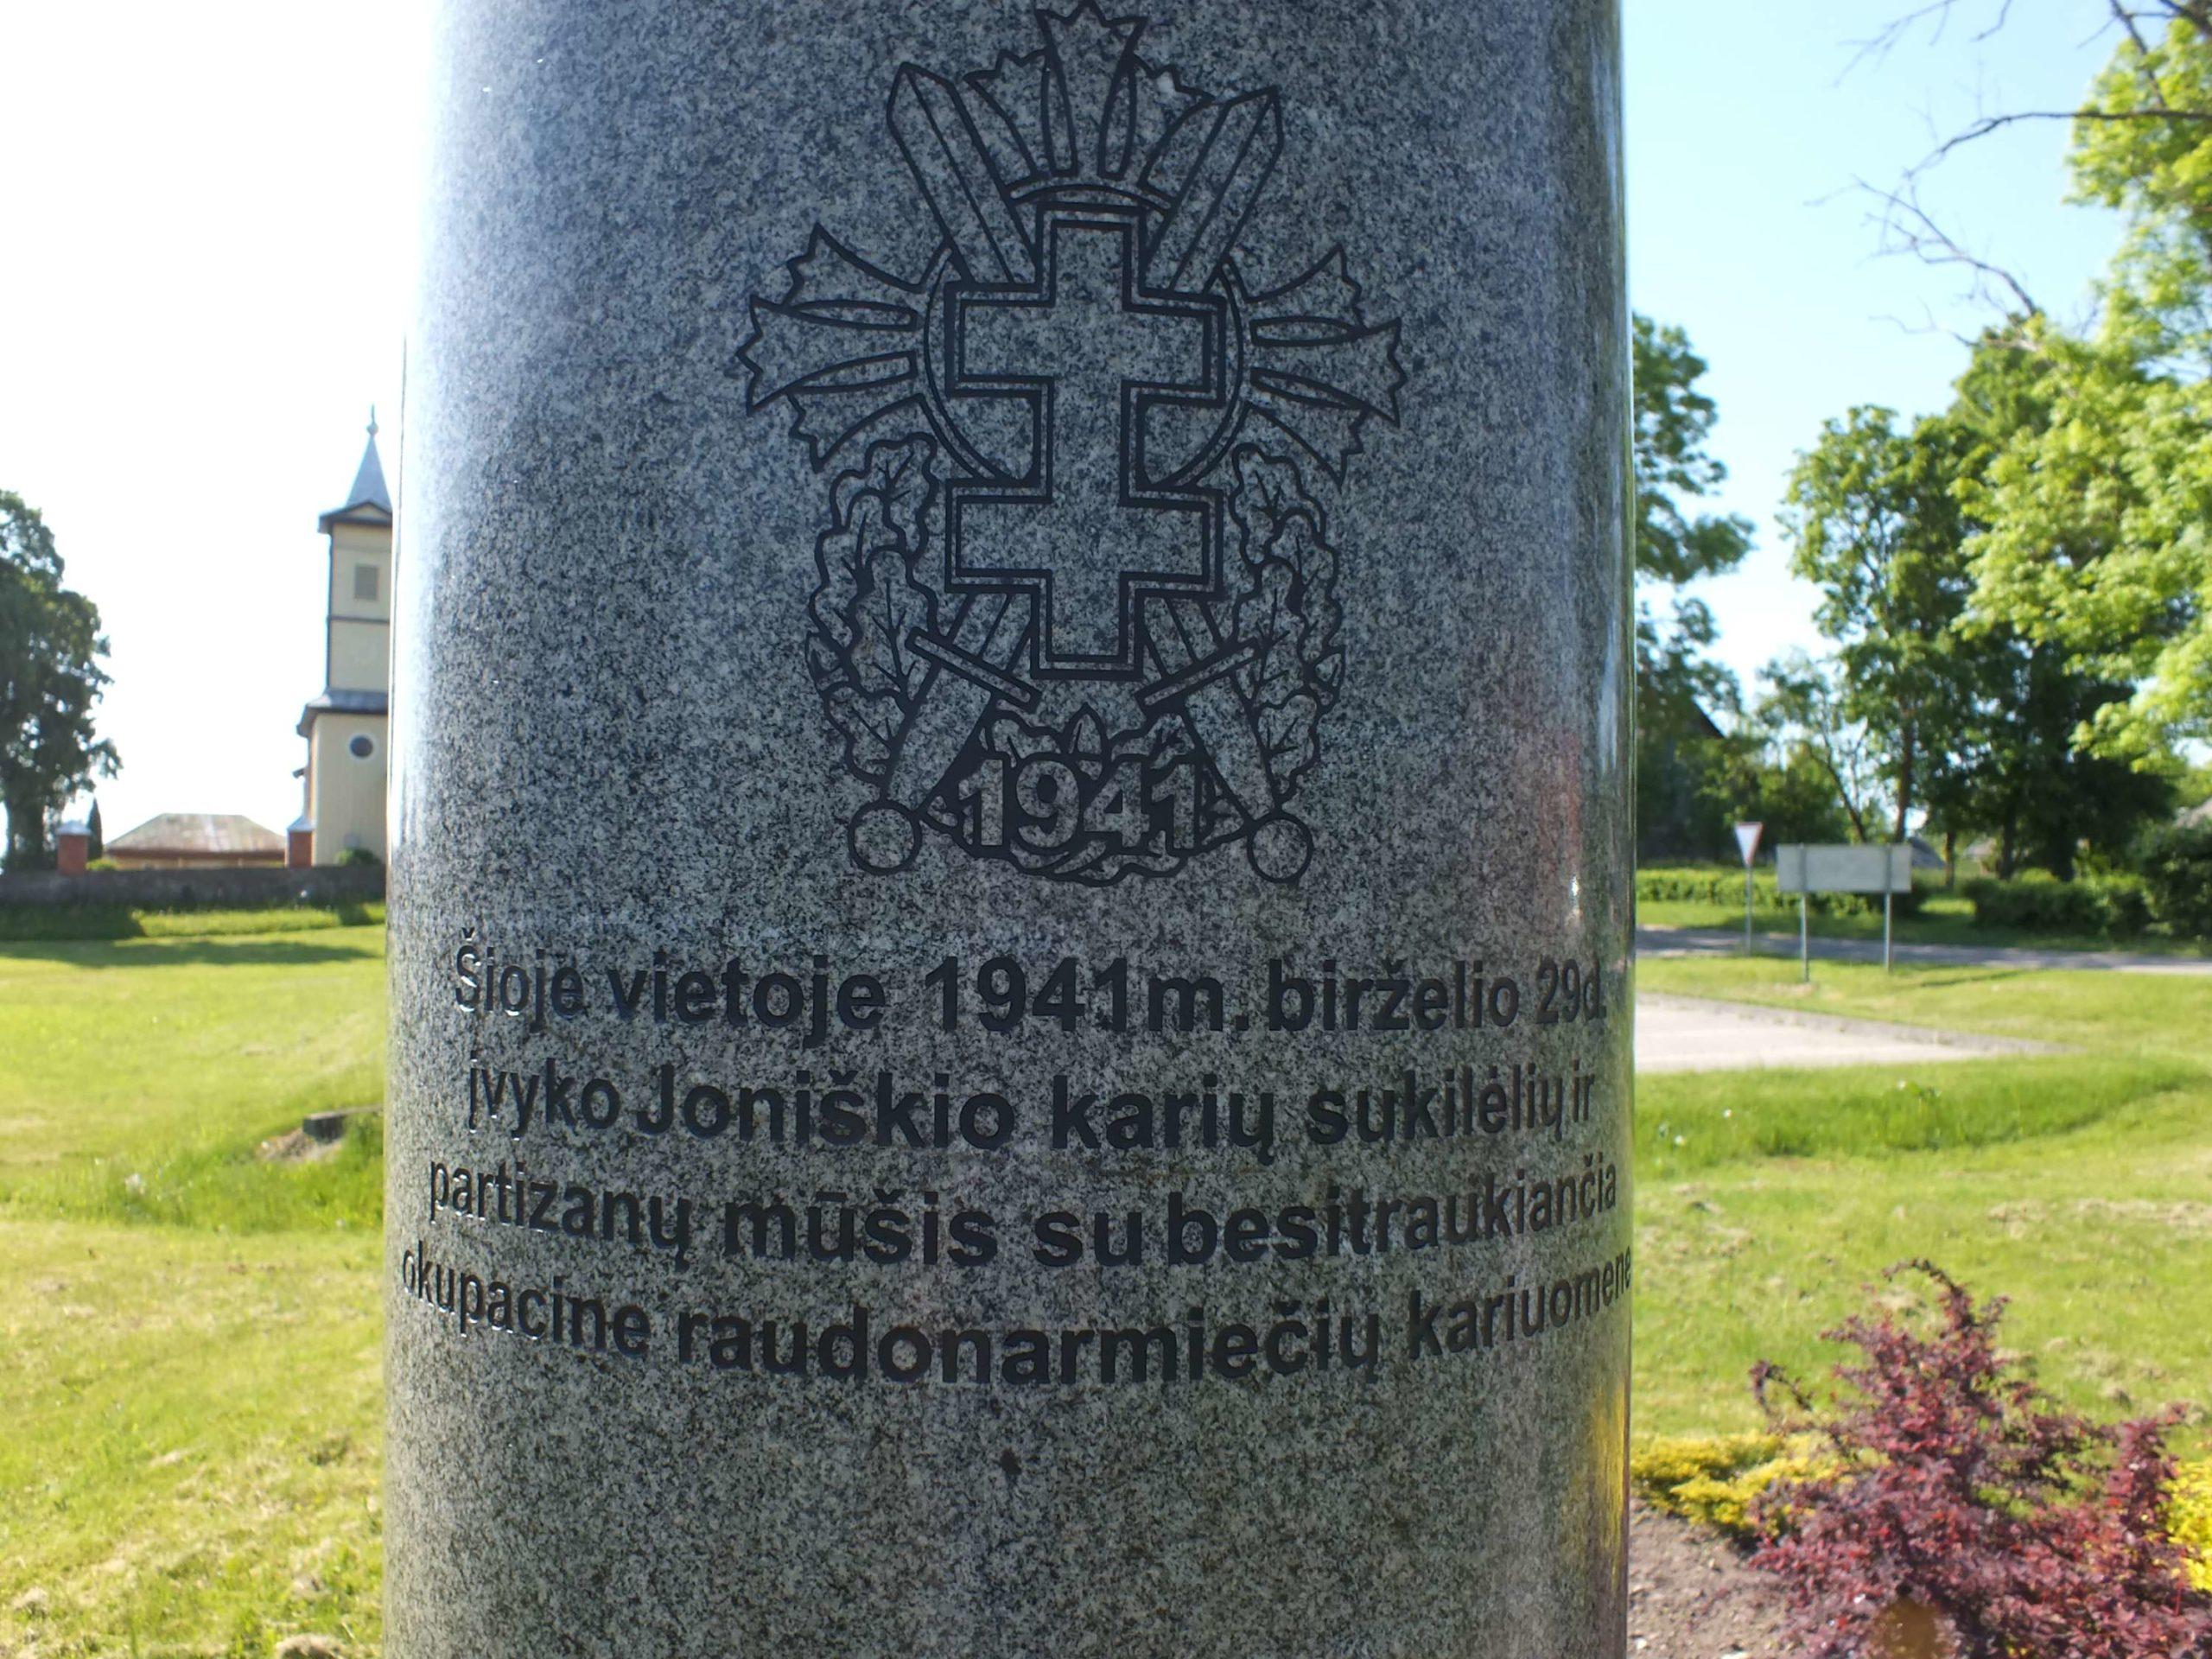 1941 m. sukilėlių karių, partizanų kautynių su raudonarmiečiais vieta ir ženklas, Joniškio mstl. , 2021 m.   V. Striužo nuotr.